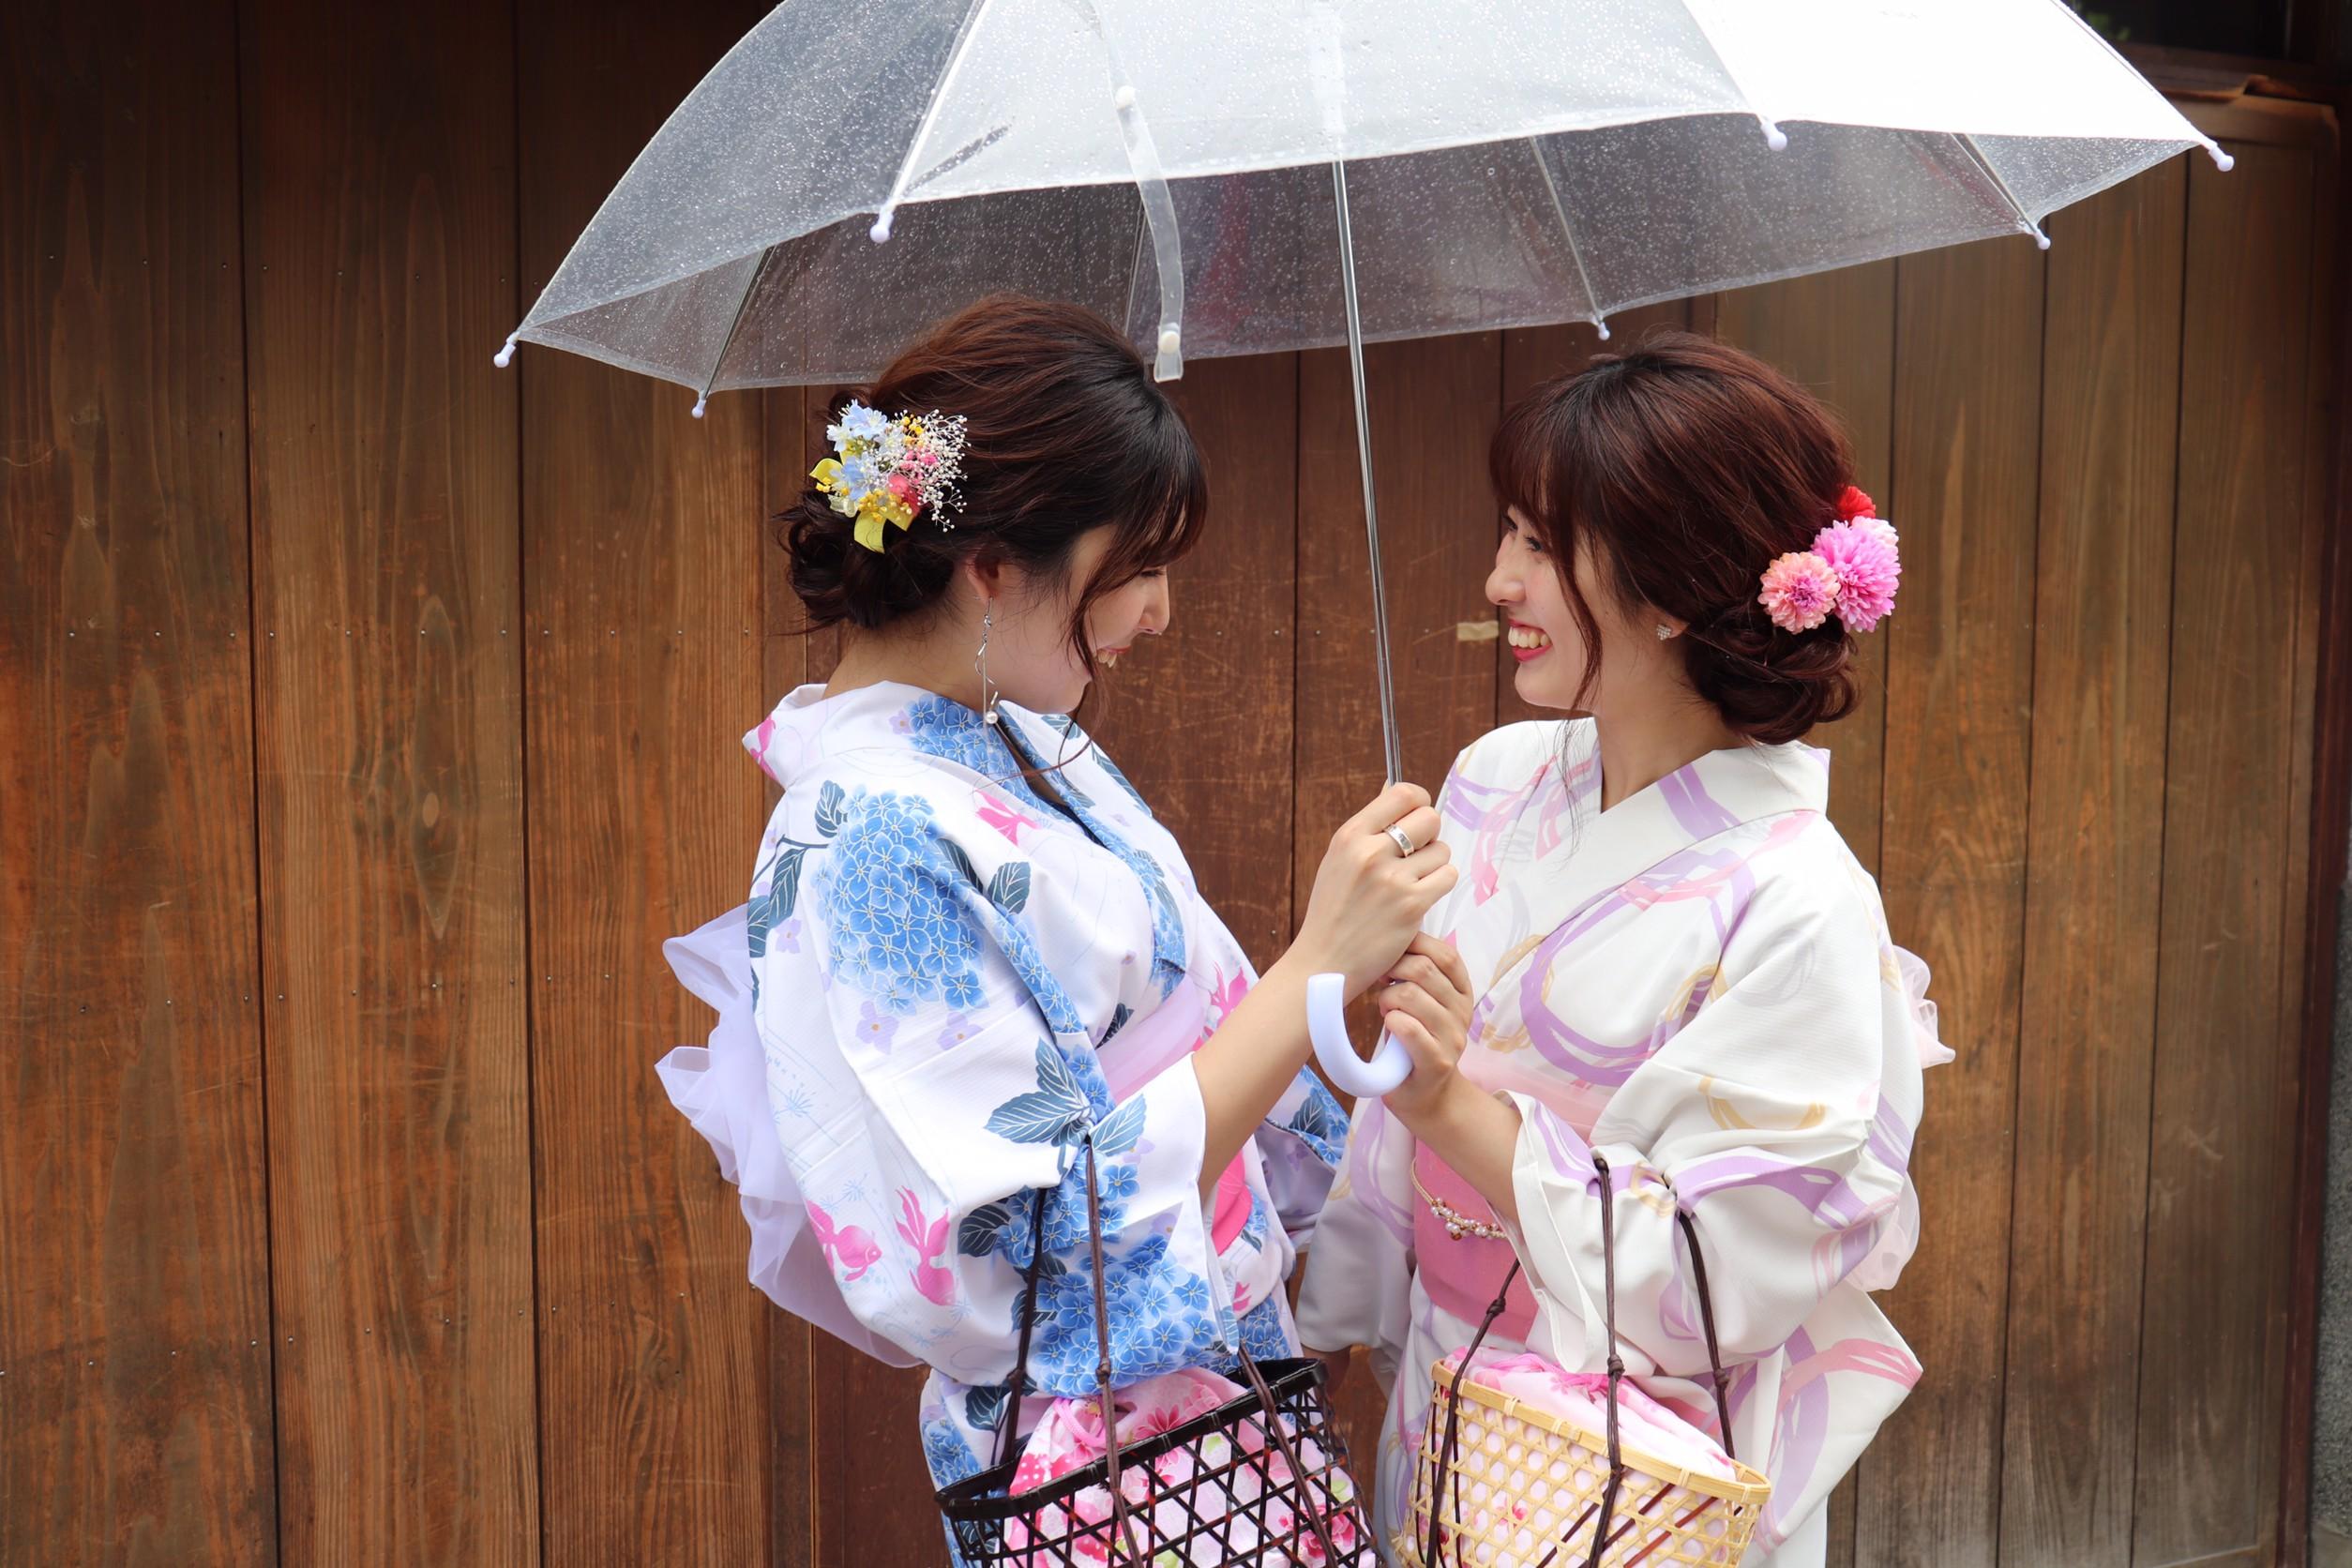 京都で着物・浴衣レンタルなら、人と差がつく可愛さの 『京都祇園屋』と『梨花和服』がおすすめ! シルバーウィークの京都女子旅にも♪_7